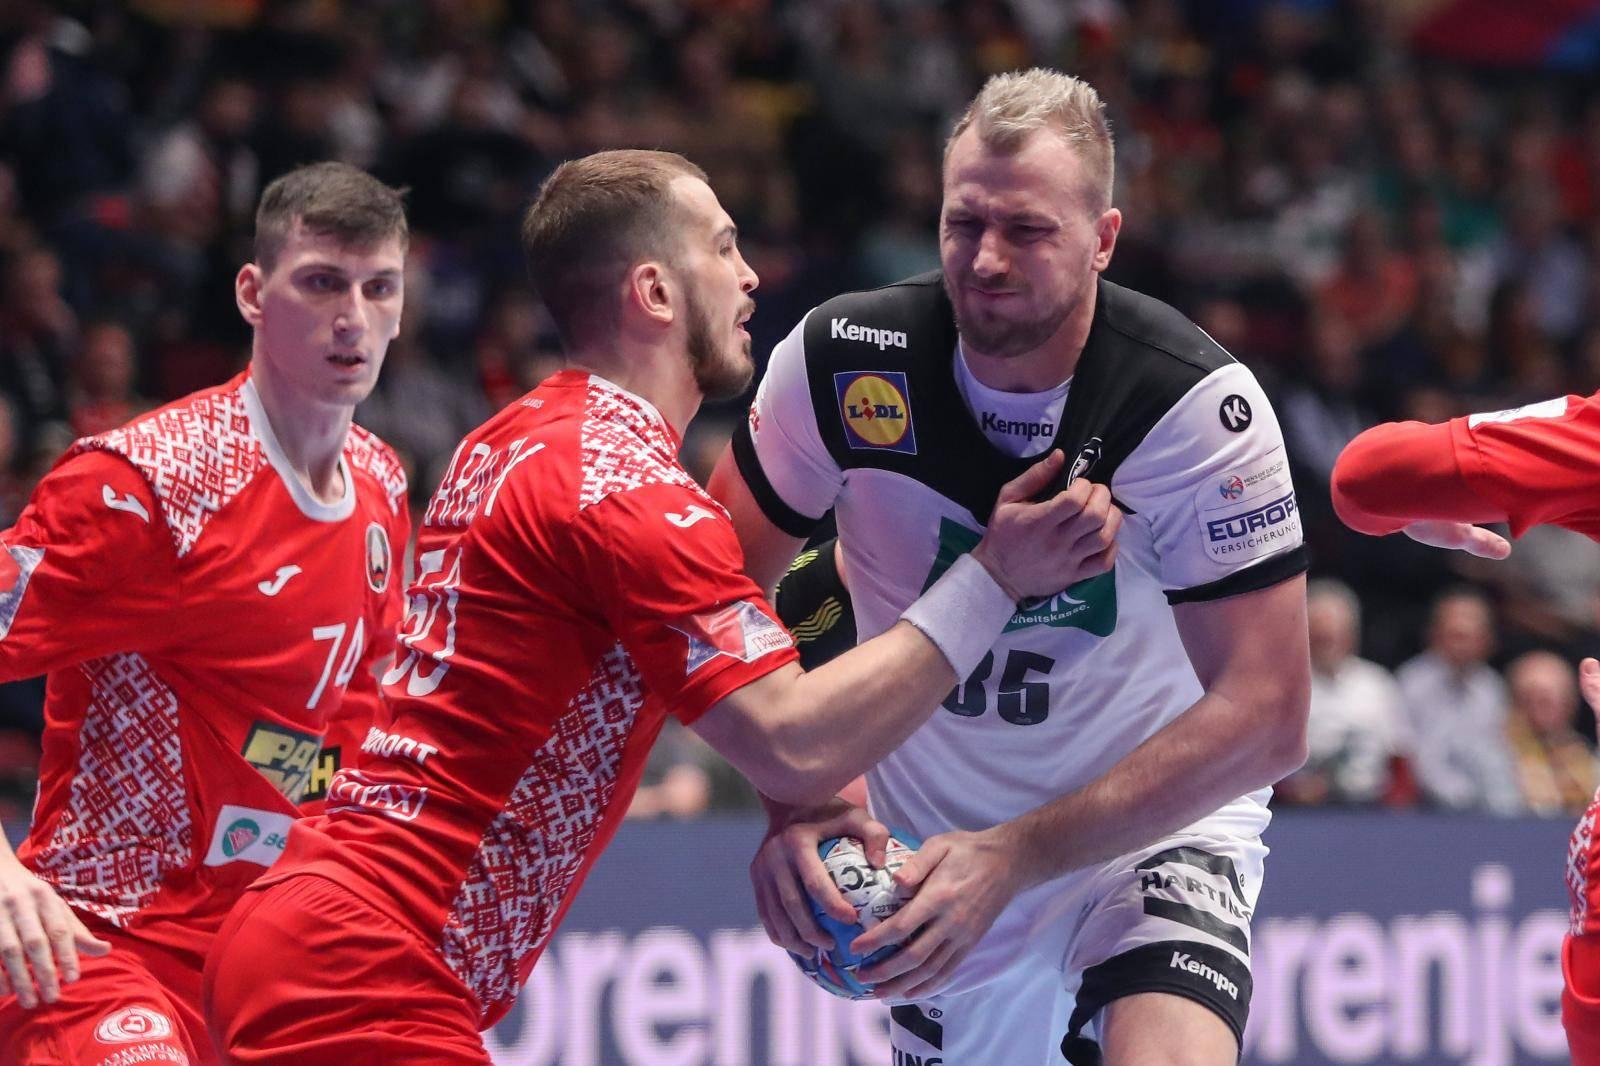 Beč: Bjelorusija i Njemačka susreli se u drugom krugu Europskog prvenstva u rukometu